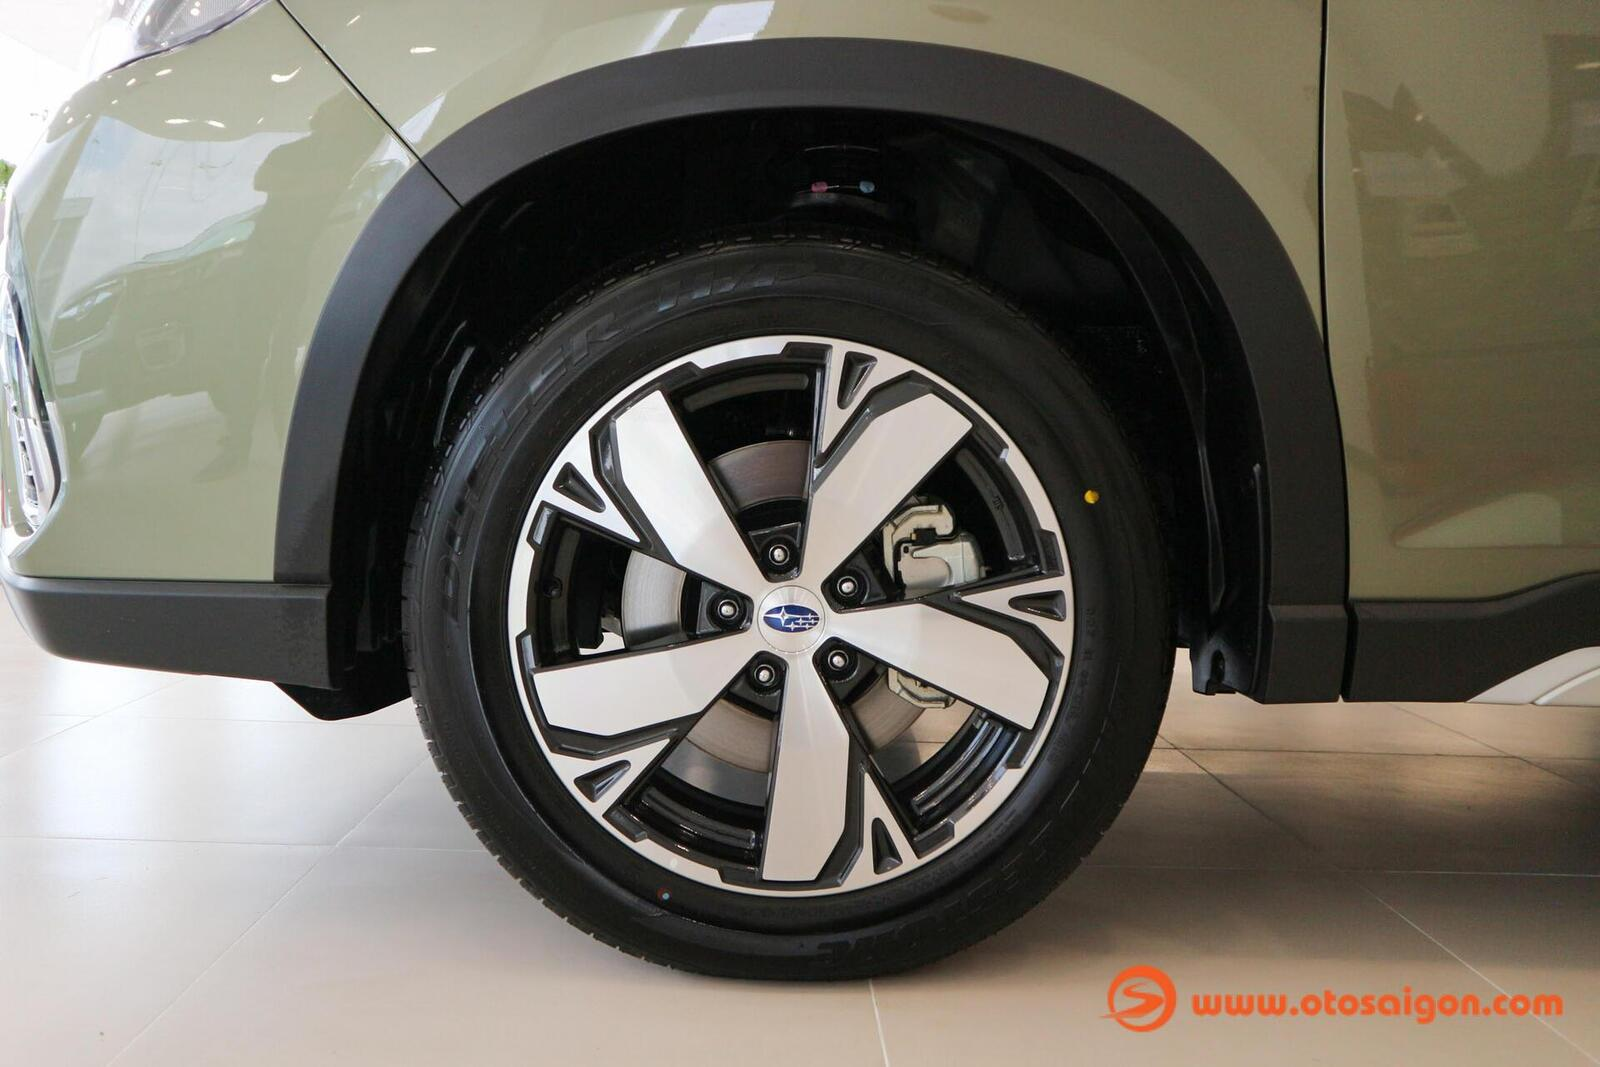 Cận cảnh Subaru Forester thế hệ mới nhập Thái sắp ra mắt tại Việt Nam | SUBARU - Hình 4